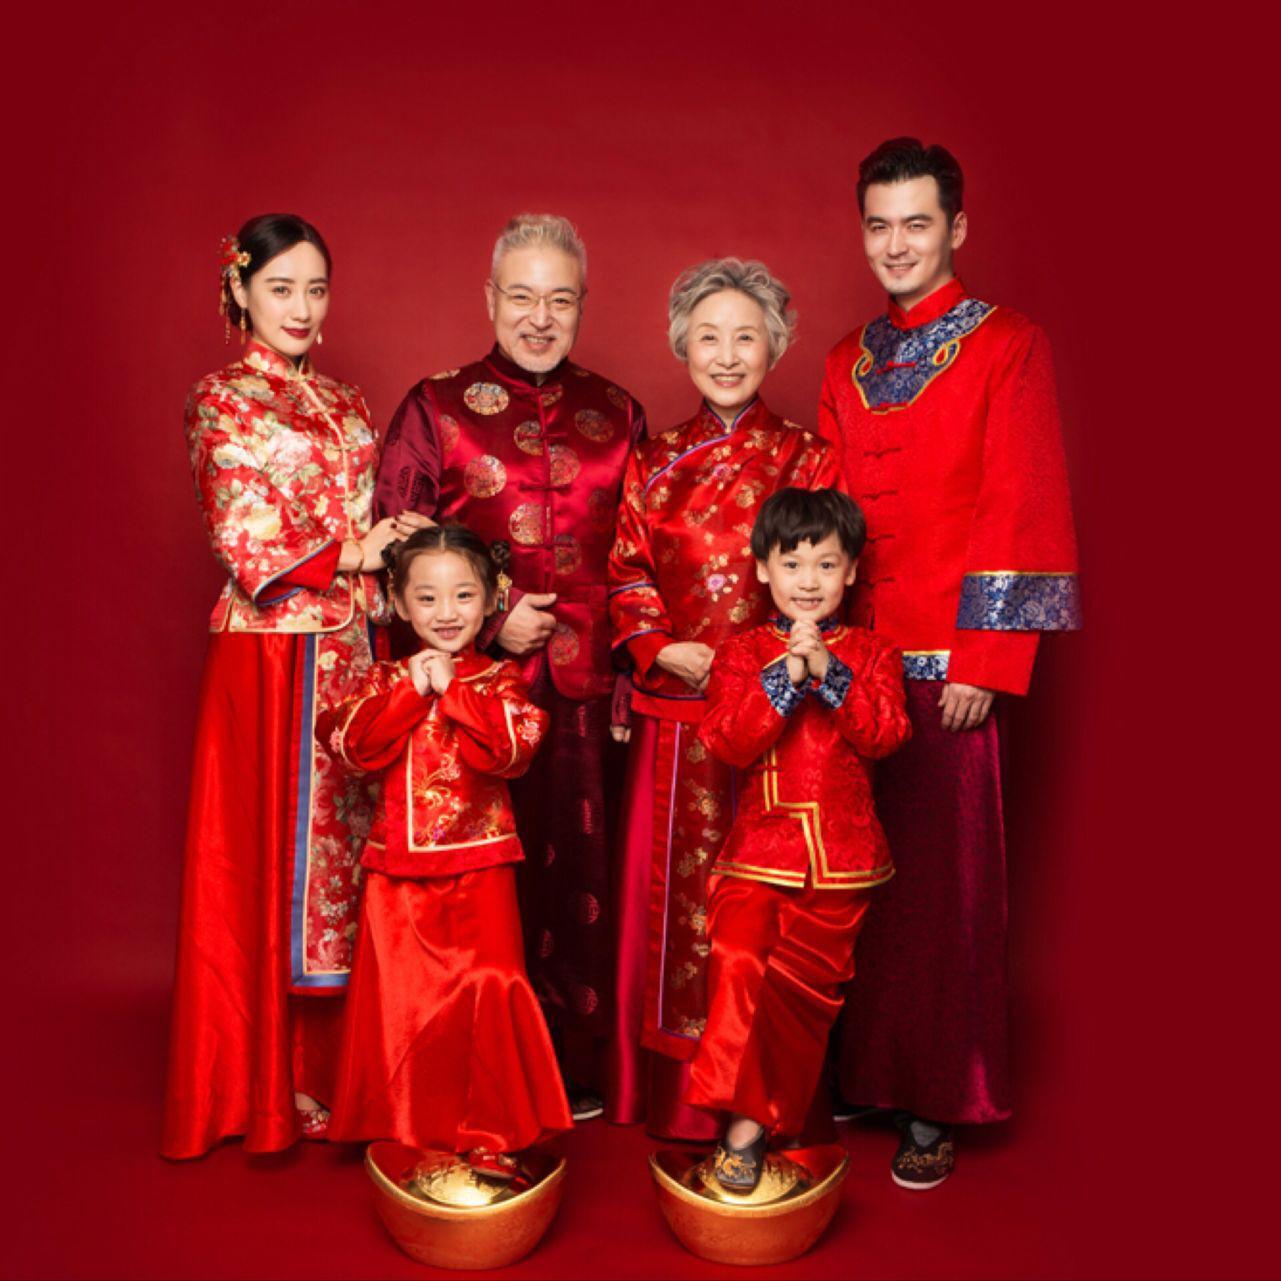 Национальная китайская одежда Артикул 564494738574